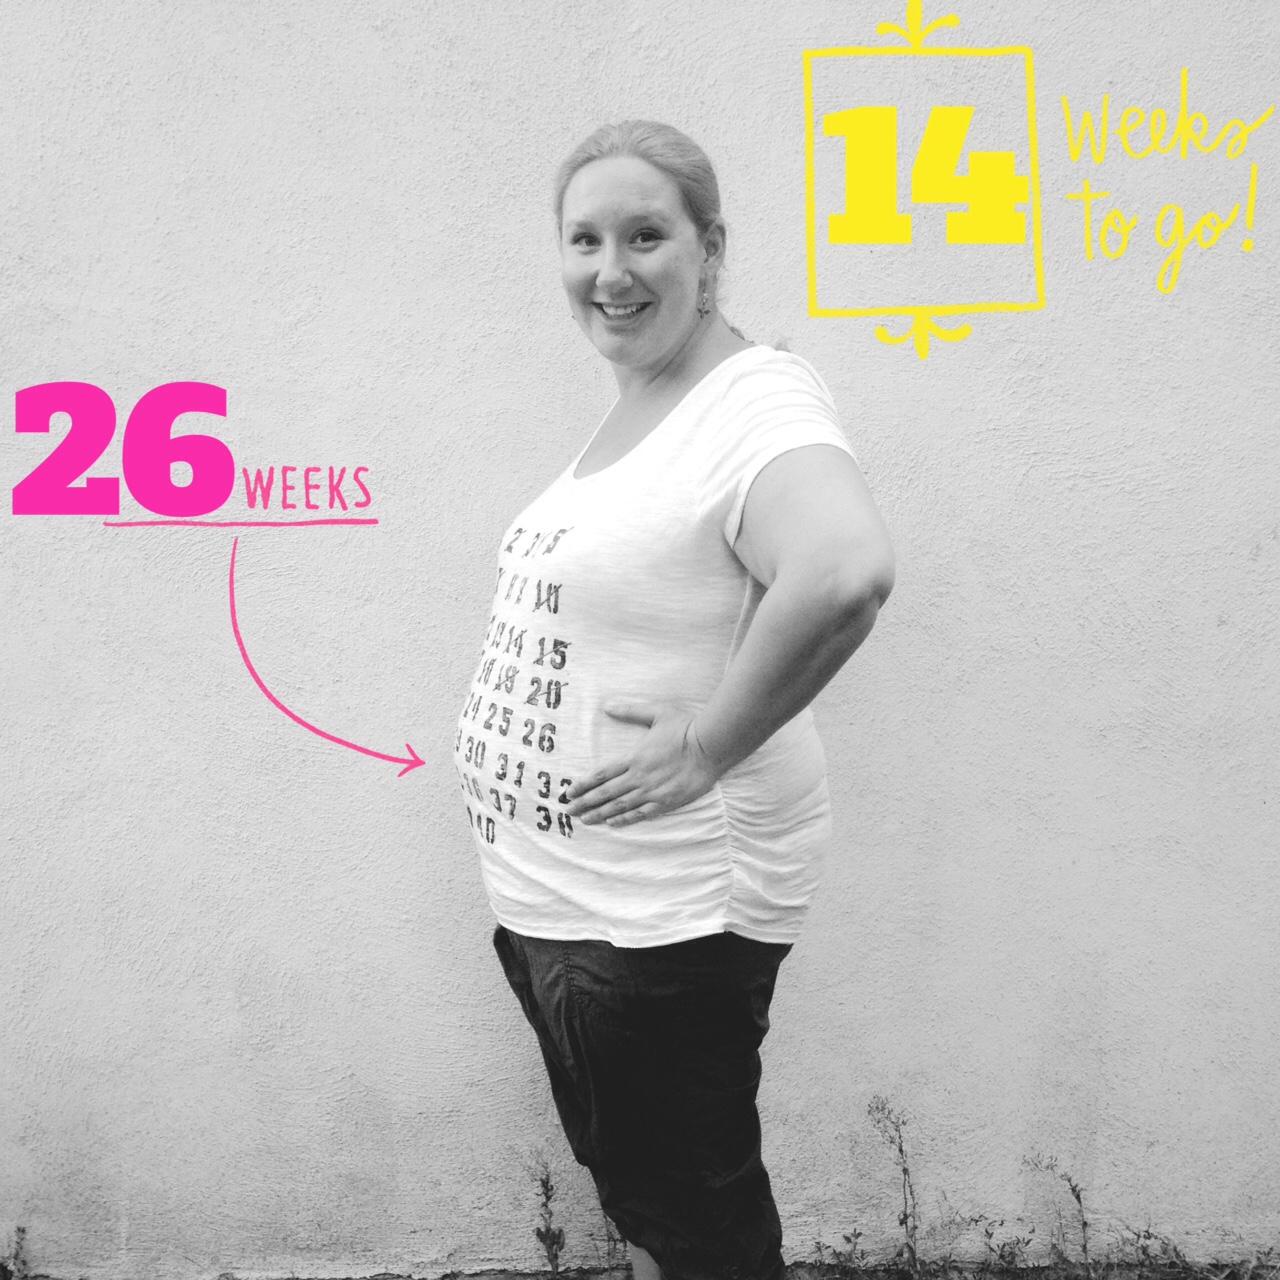 26 weeks!